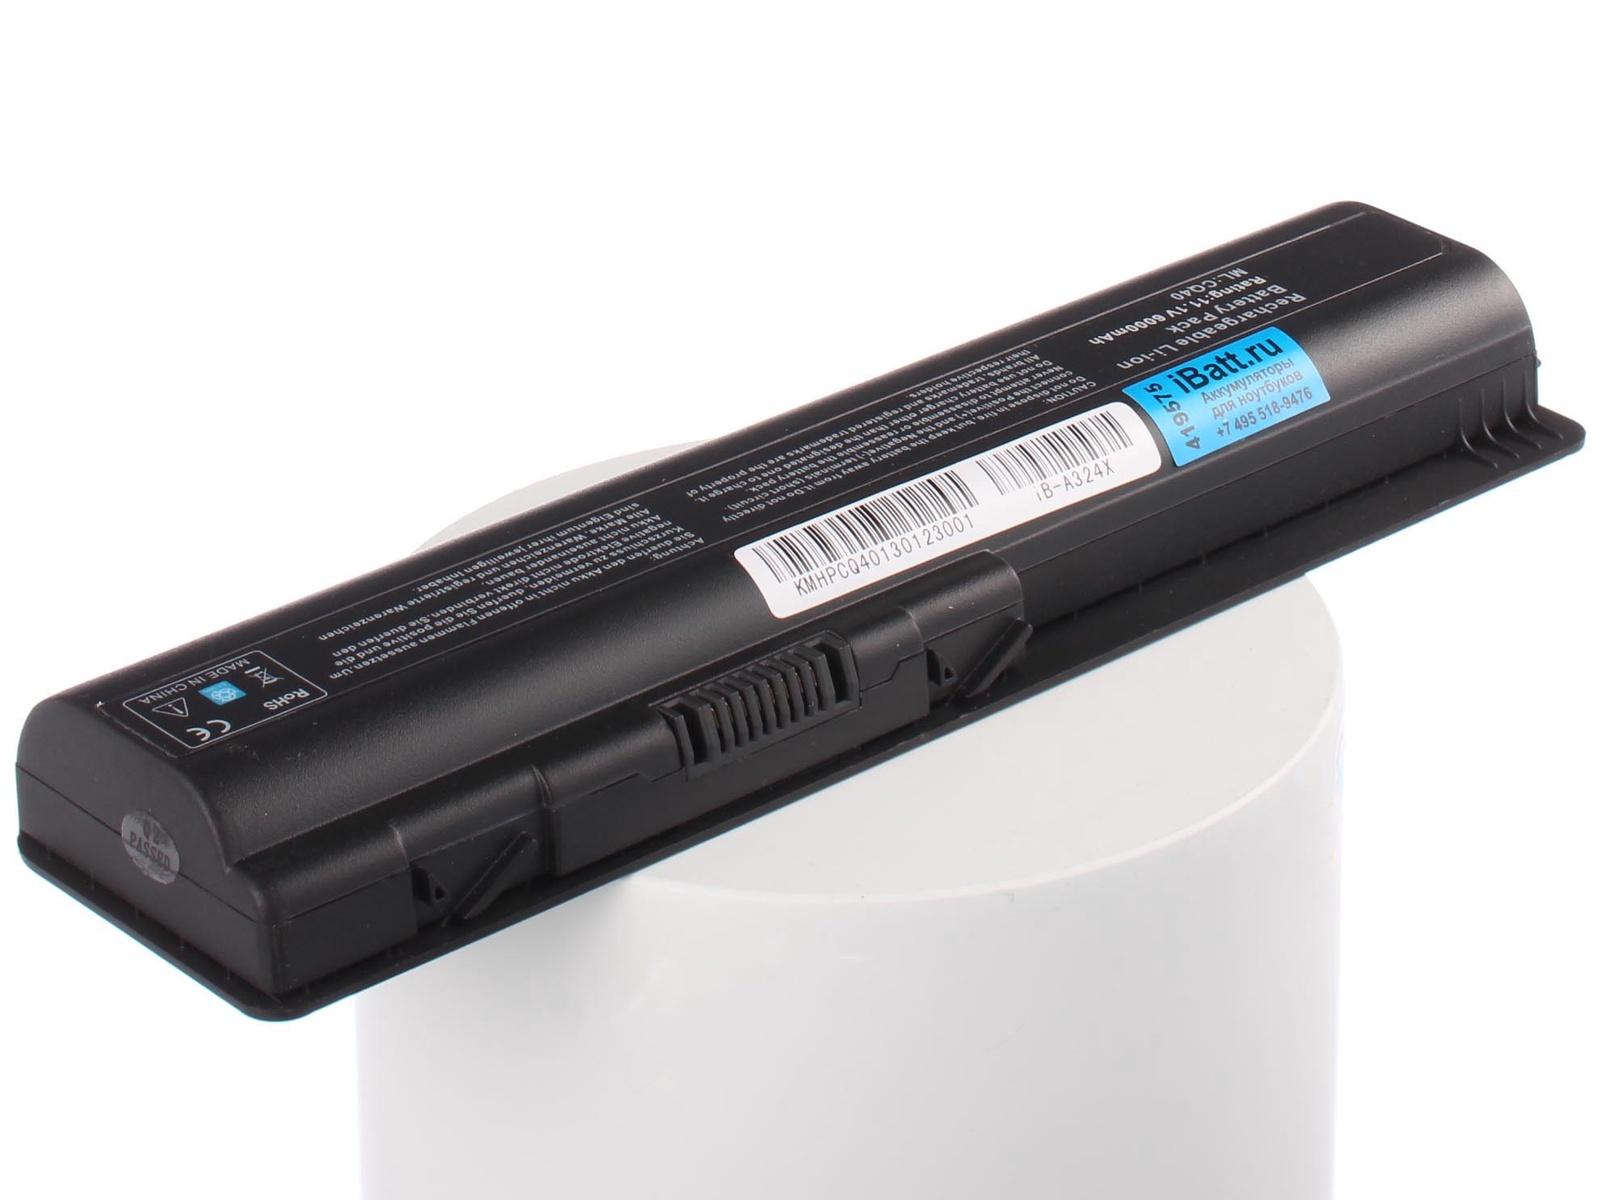 Аккумулятор для ноутбука iBatt для HP-Compaq Presario CQ61-424ER, G60-200, G71-340us, Pavilion dv4-1465dx, Pavilion dv5-1004nr, Pavilion dv6-2012SF, Presario CQ40-100, Presario CQ45-100, Presario CQ60-100, Presario CQ60-205ER